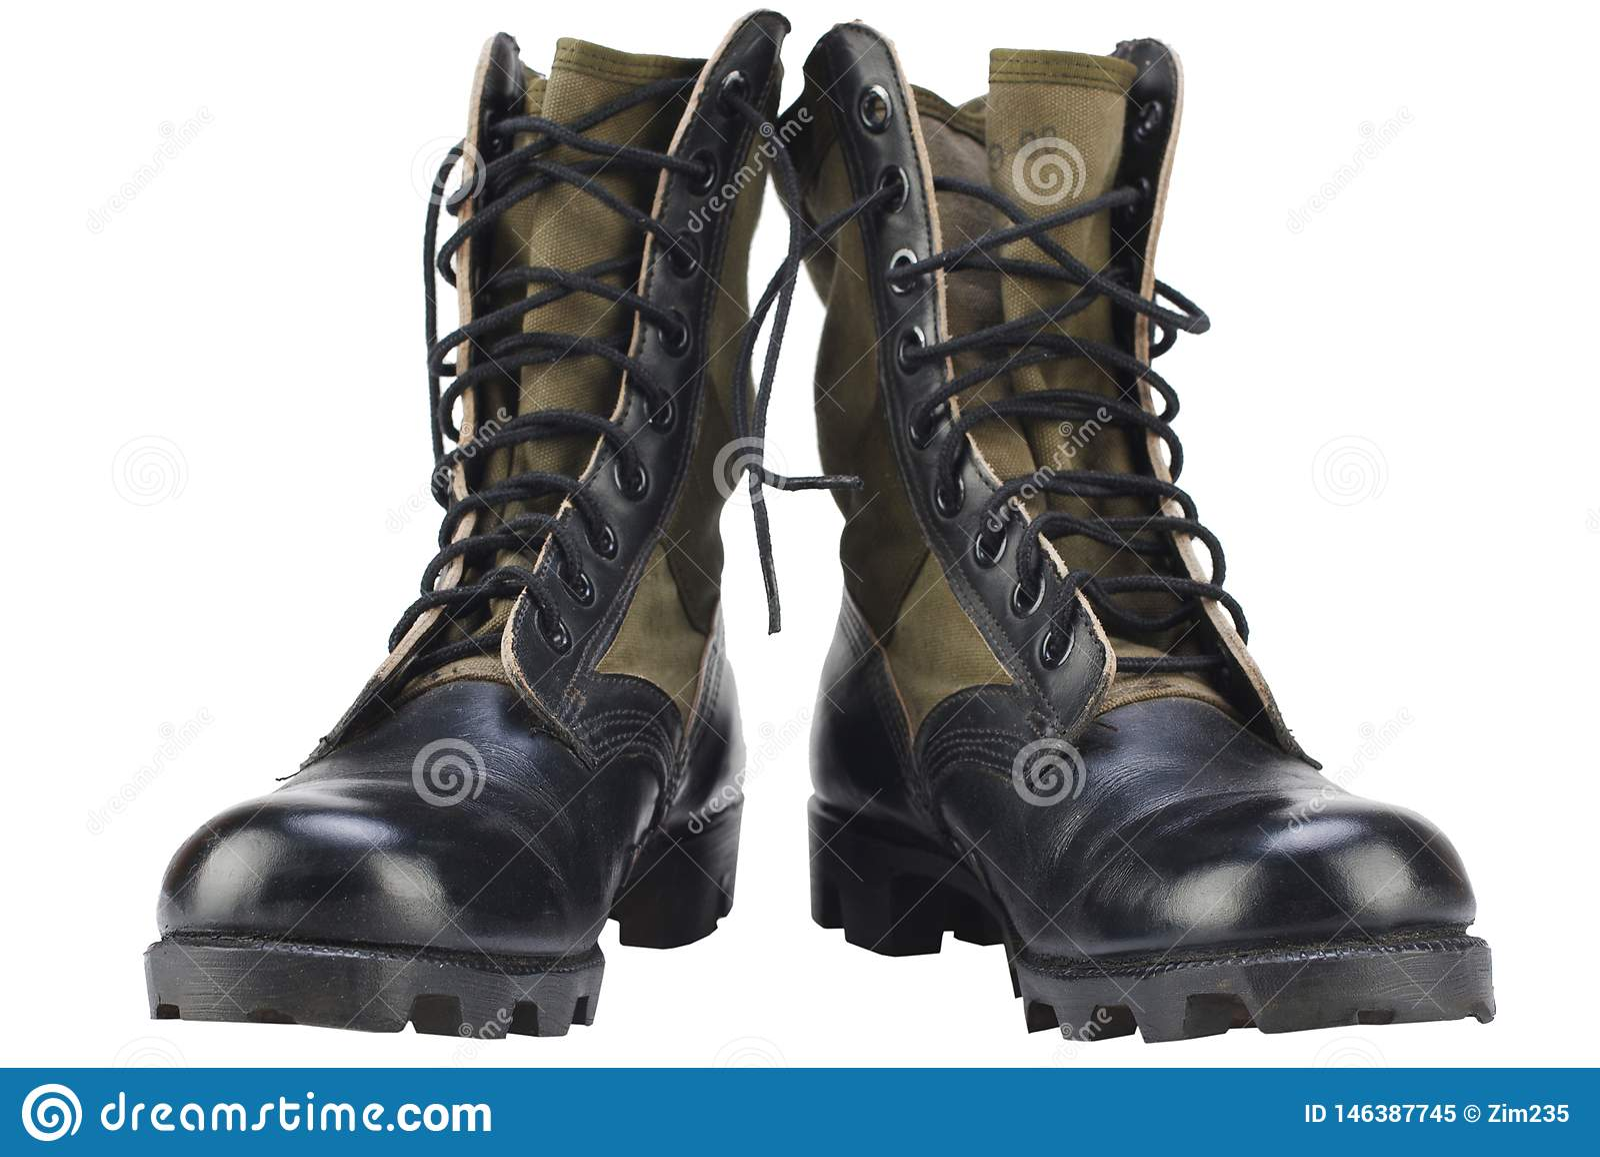 De Nouvelles Modèle Bottes L'armée De Américaine De Jungle wmOv8Nn0